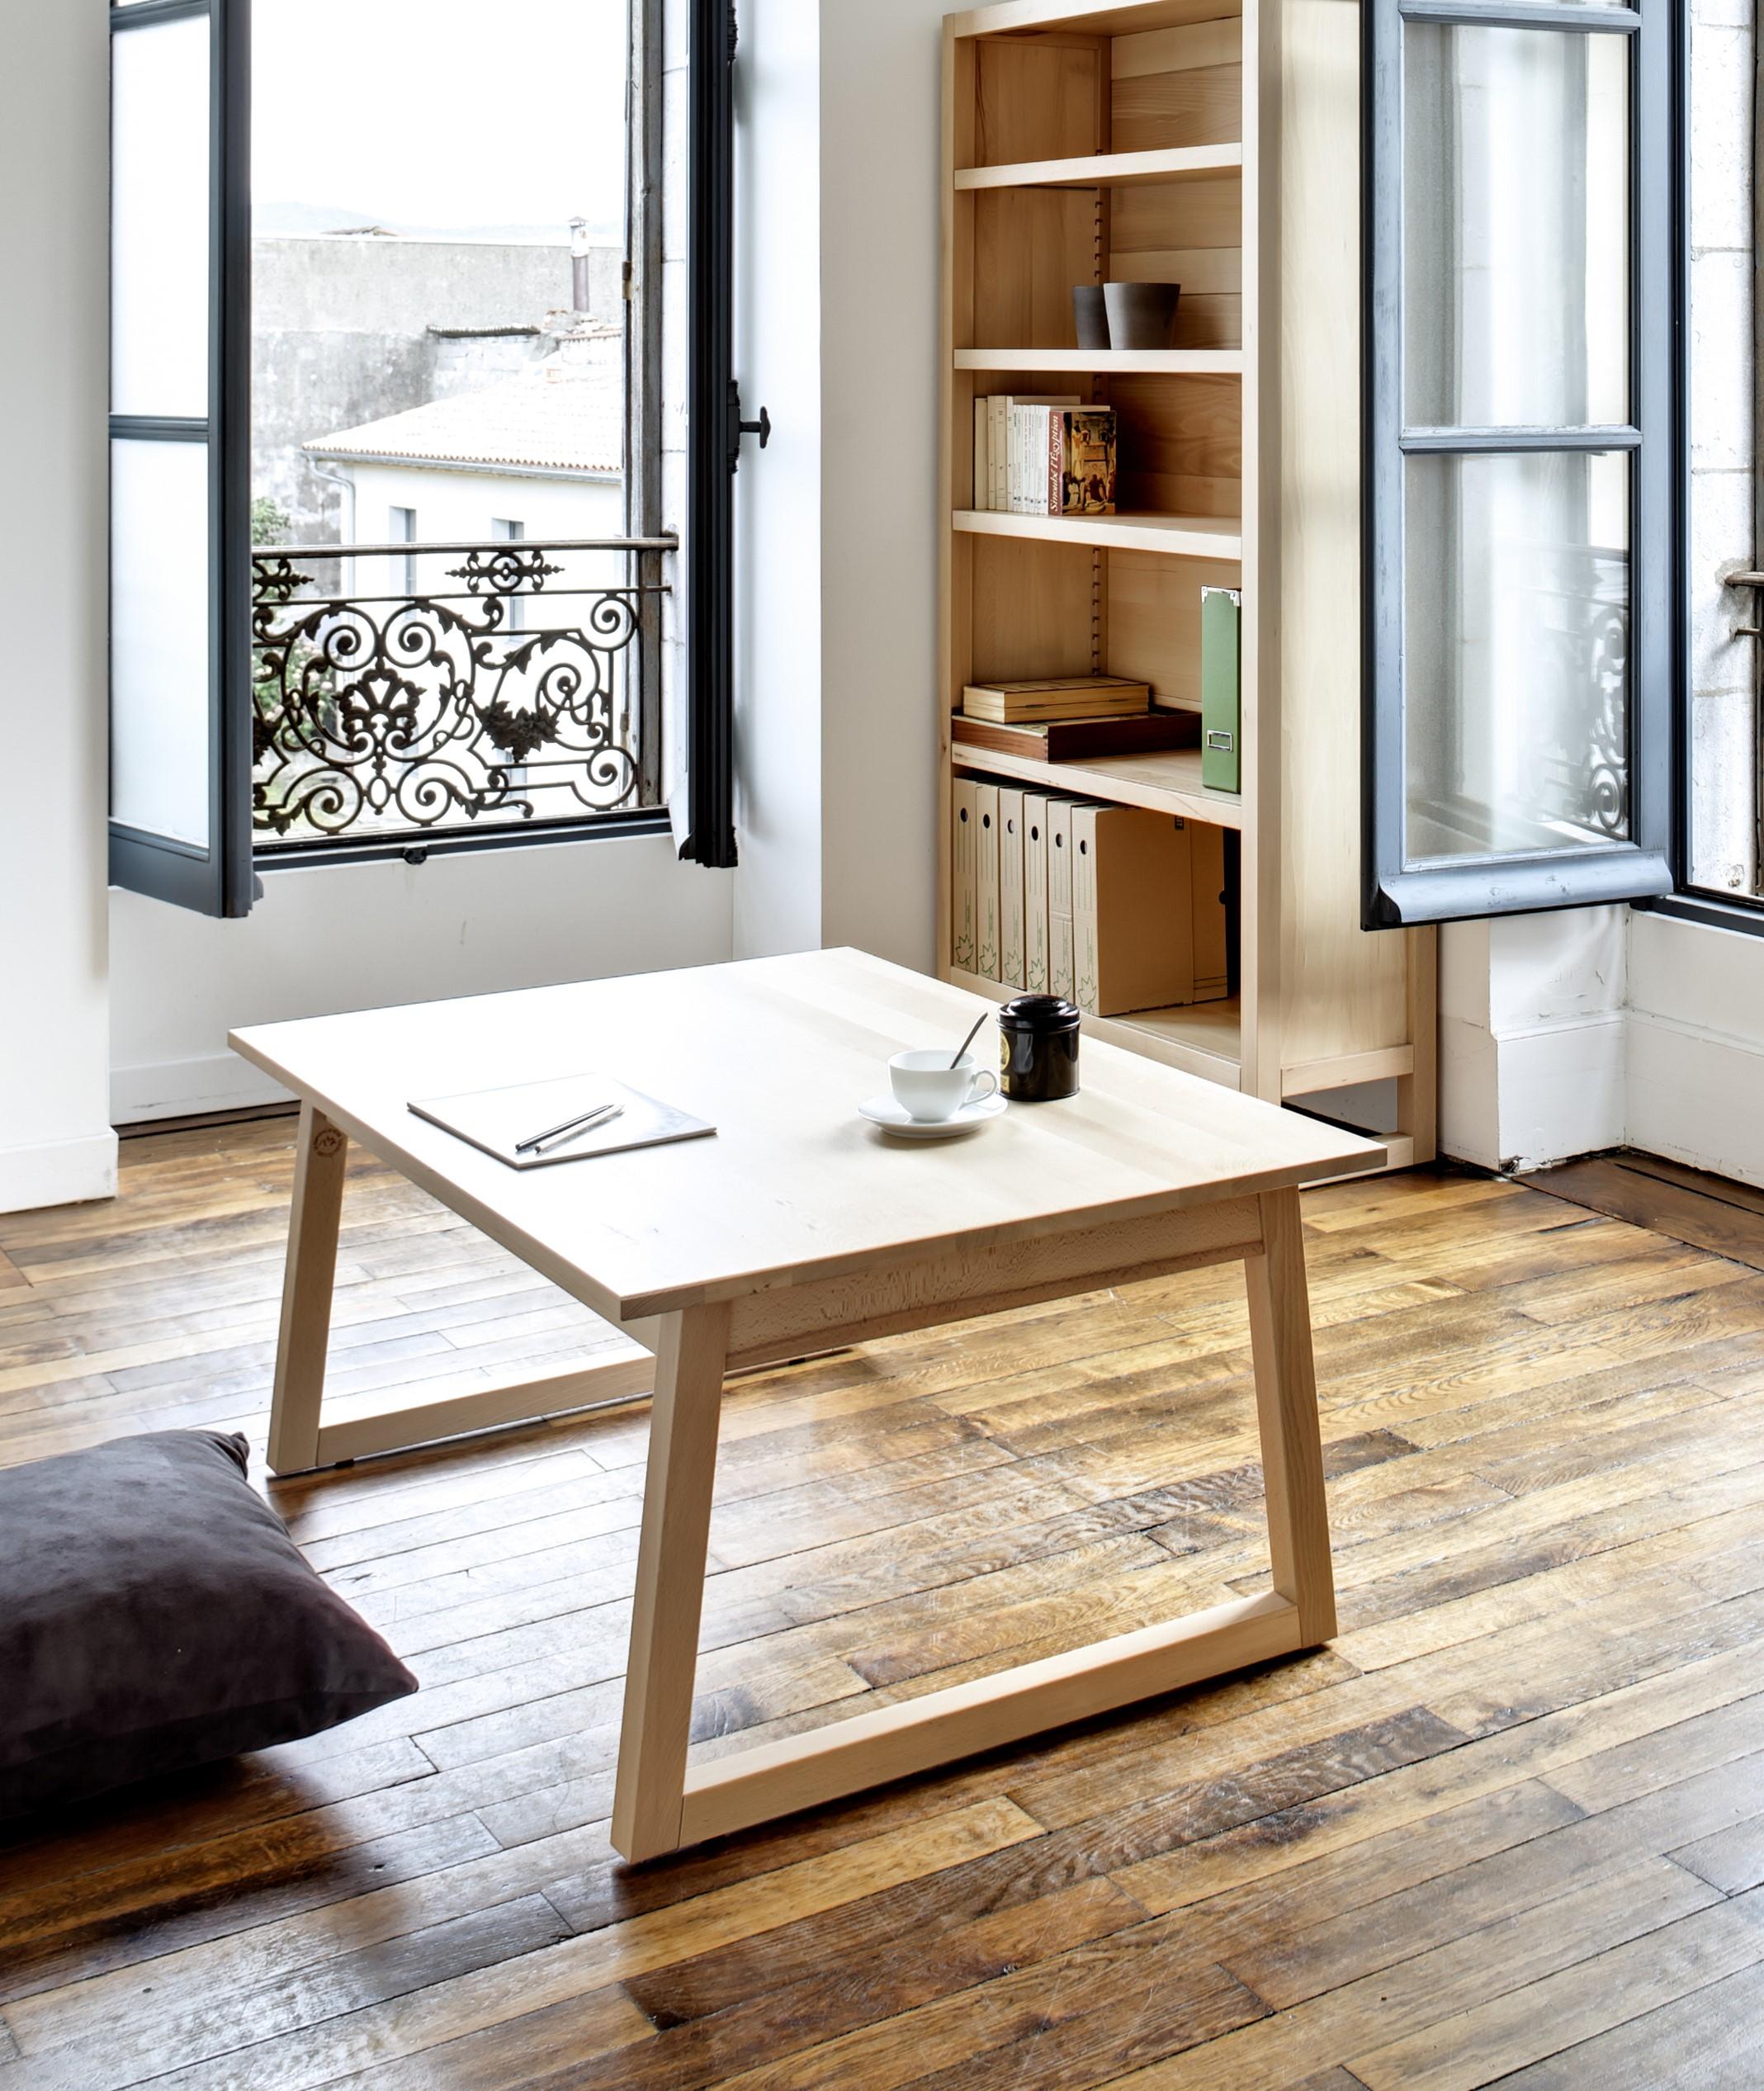 Grande table basse en hêtre avec pieds traineaux, brut